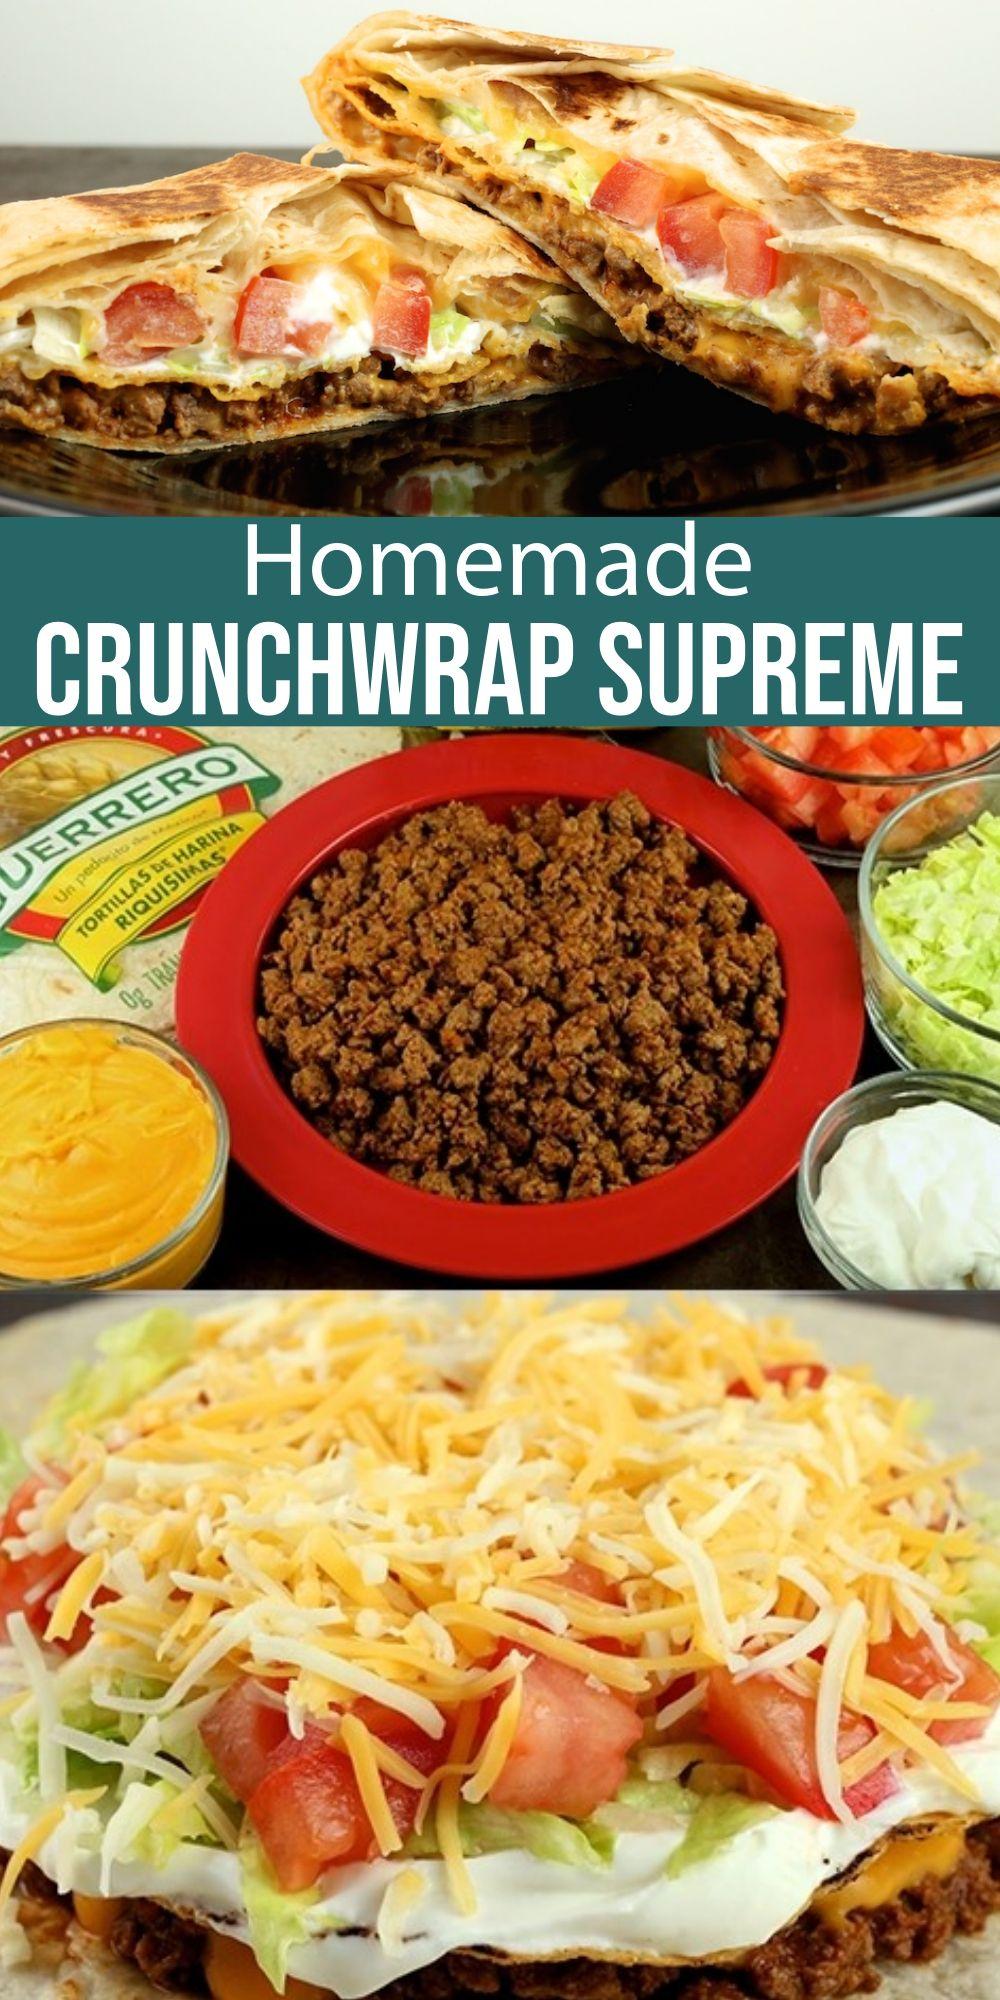 Homemade Crunchwrap Supreme Recipe in 2020 Crunch wrap